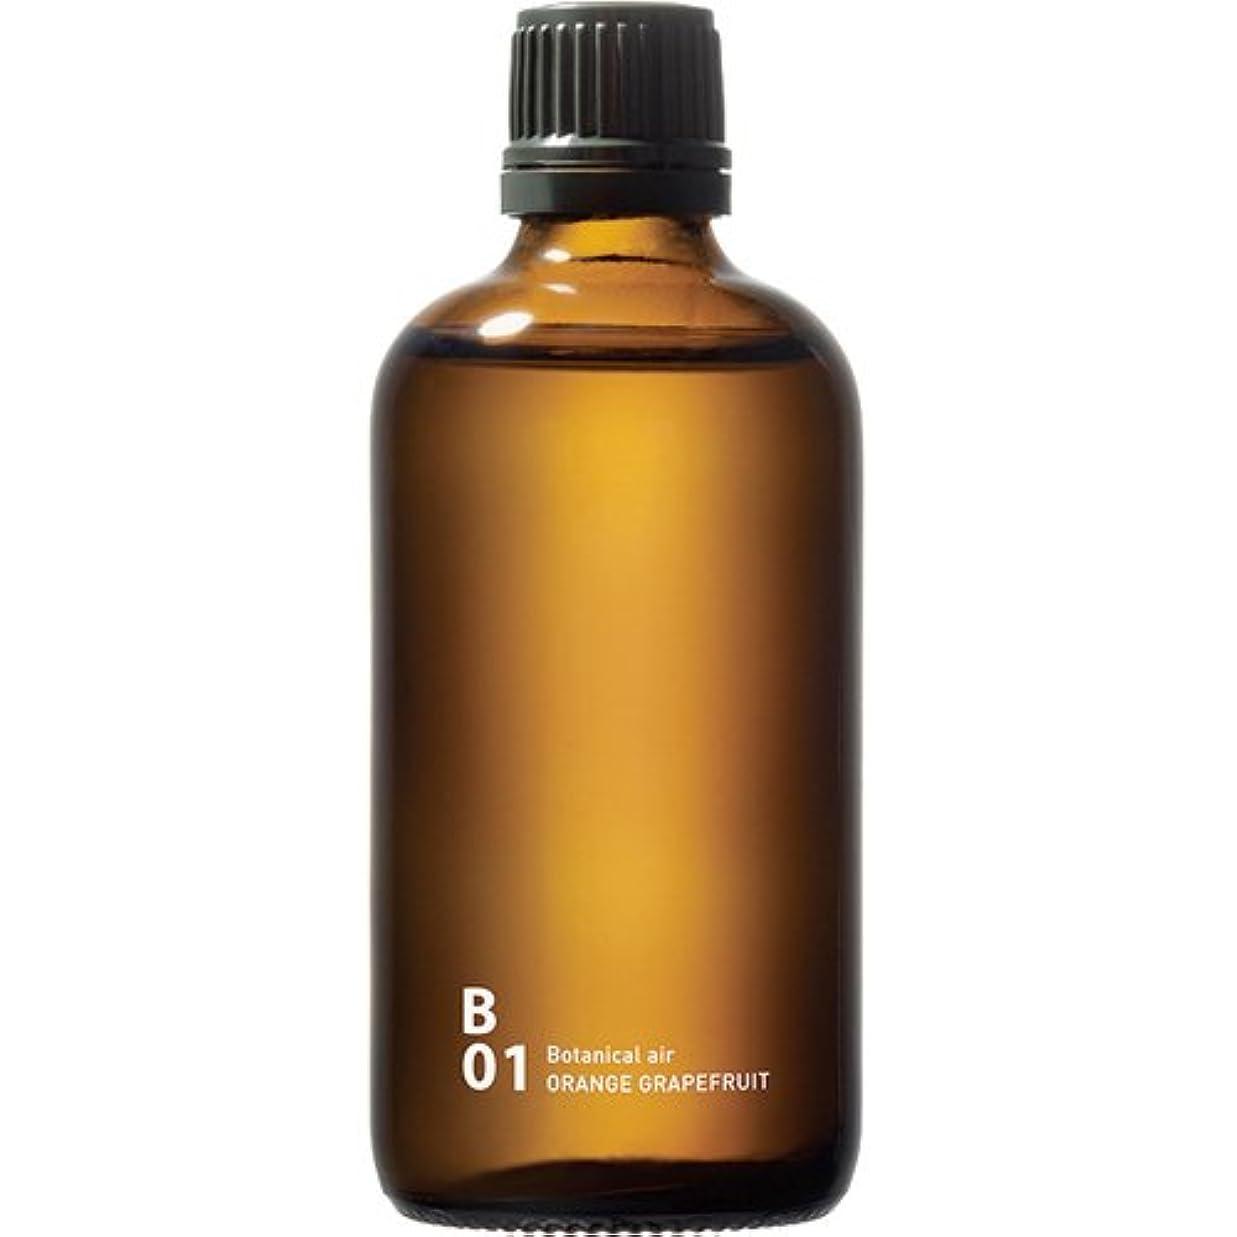 手紙を書く買い物に行く犯罪B01 ORANGE GRAPEFRUIT piezo aroma oil 100ml